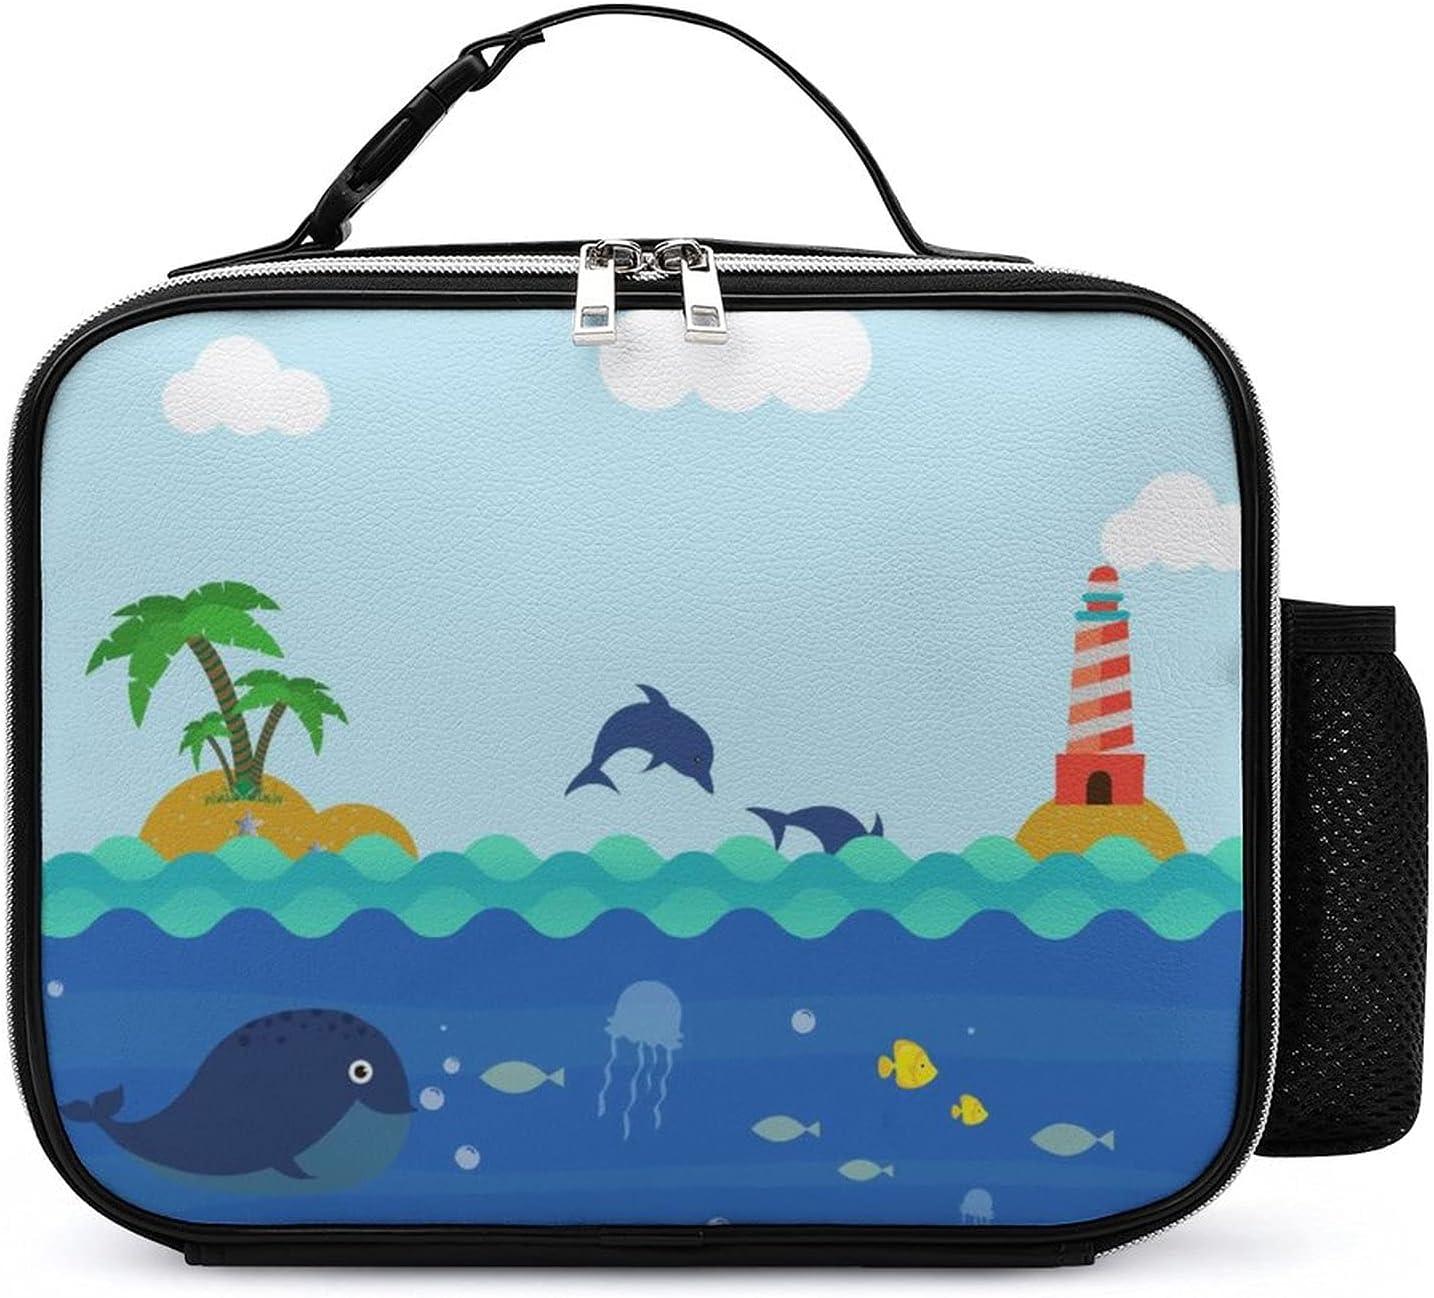 Bolsa Del Almuerzo Isla De Los Delfines Fiambrera Para Picnic Escolar De Trabajo De Oficina